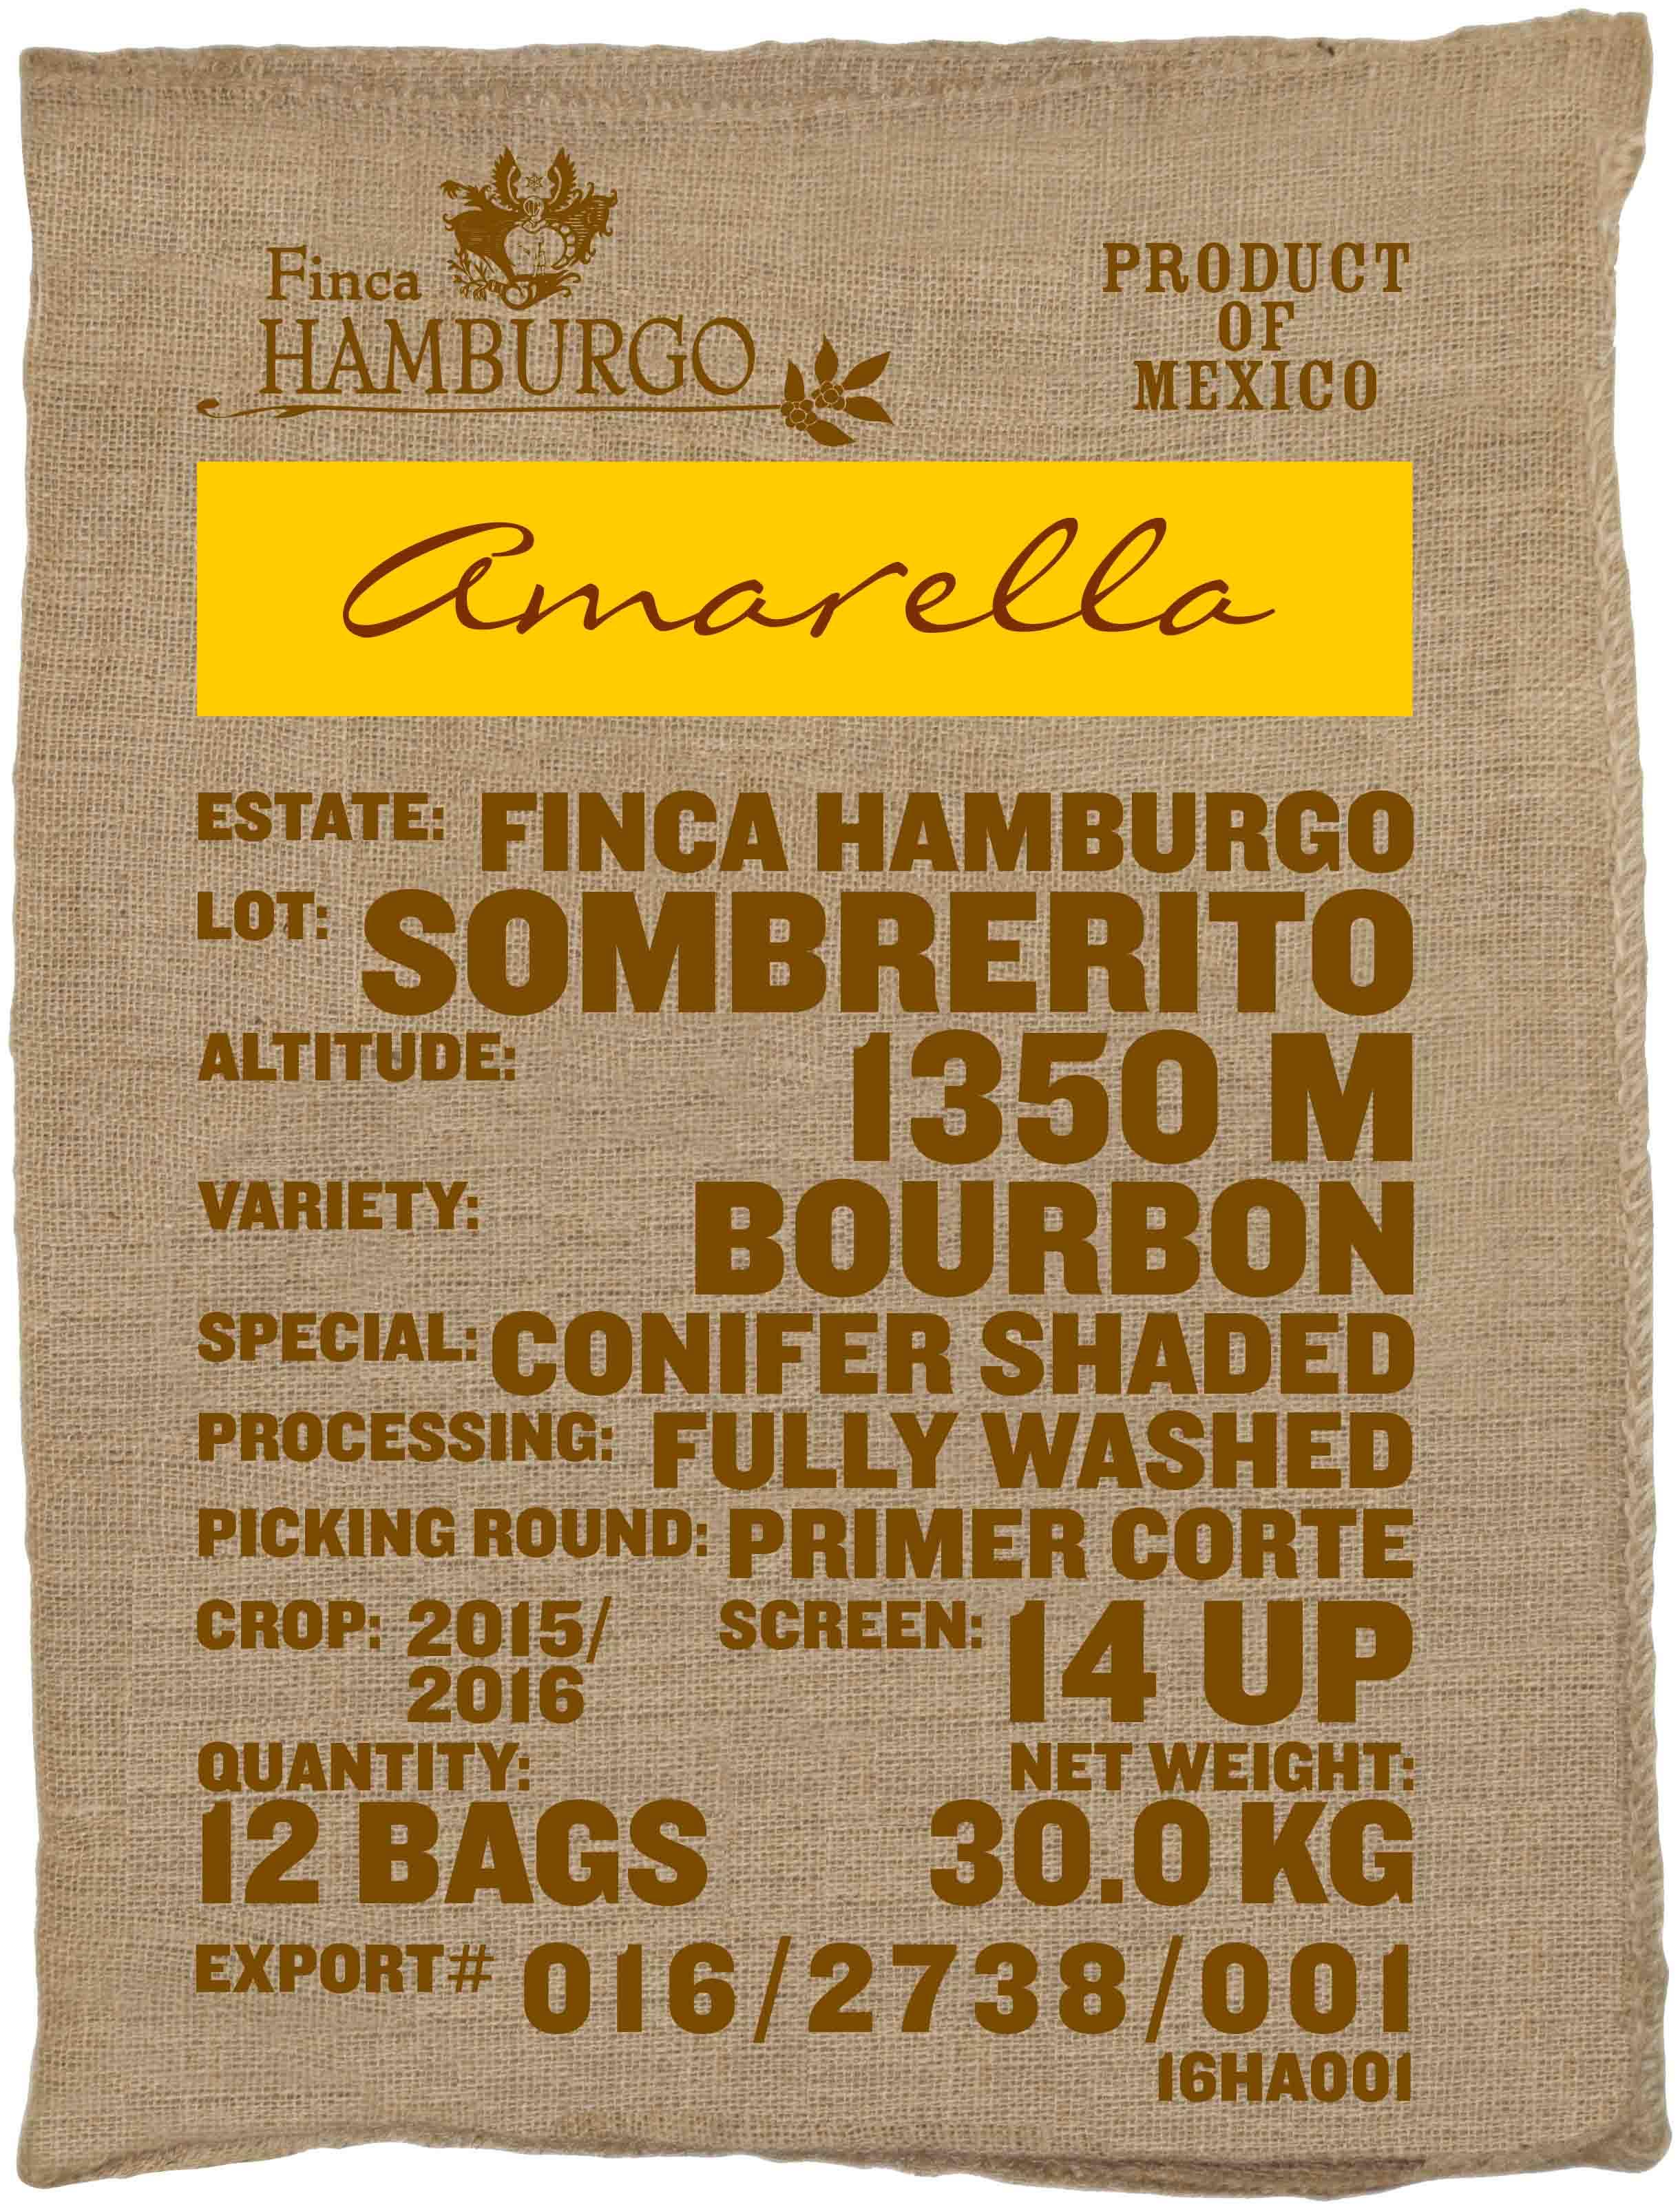 Ein Rohkaffeesack amarella Parzellenkaffee Varietät Bourbon. Finca Hamburgo Lot Sombrerito.